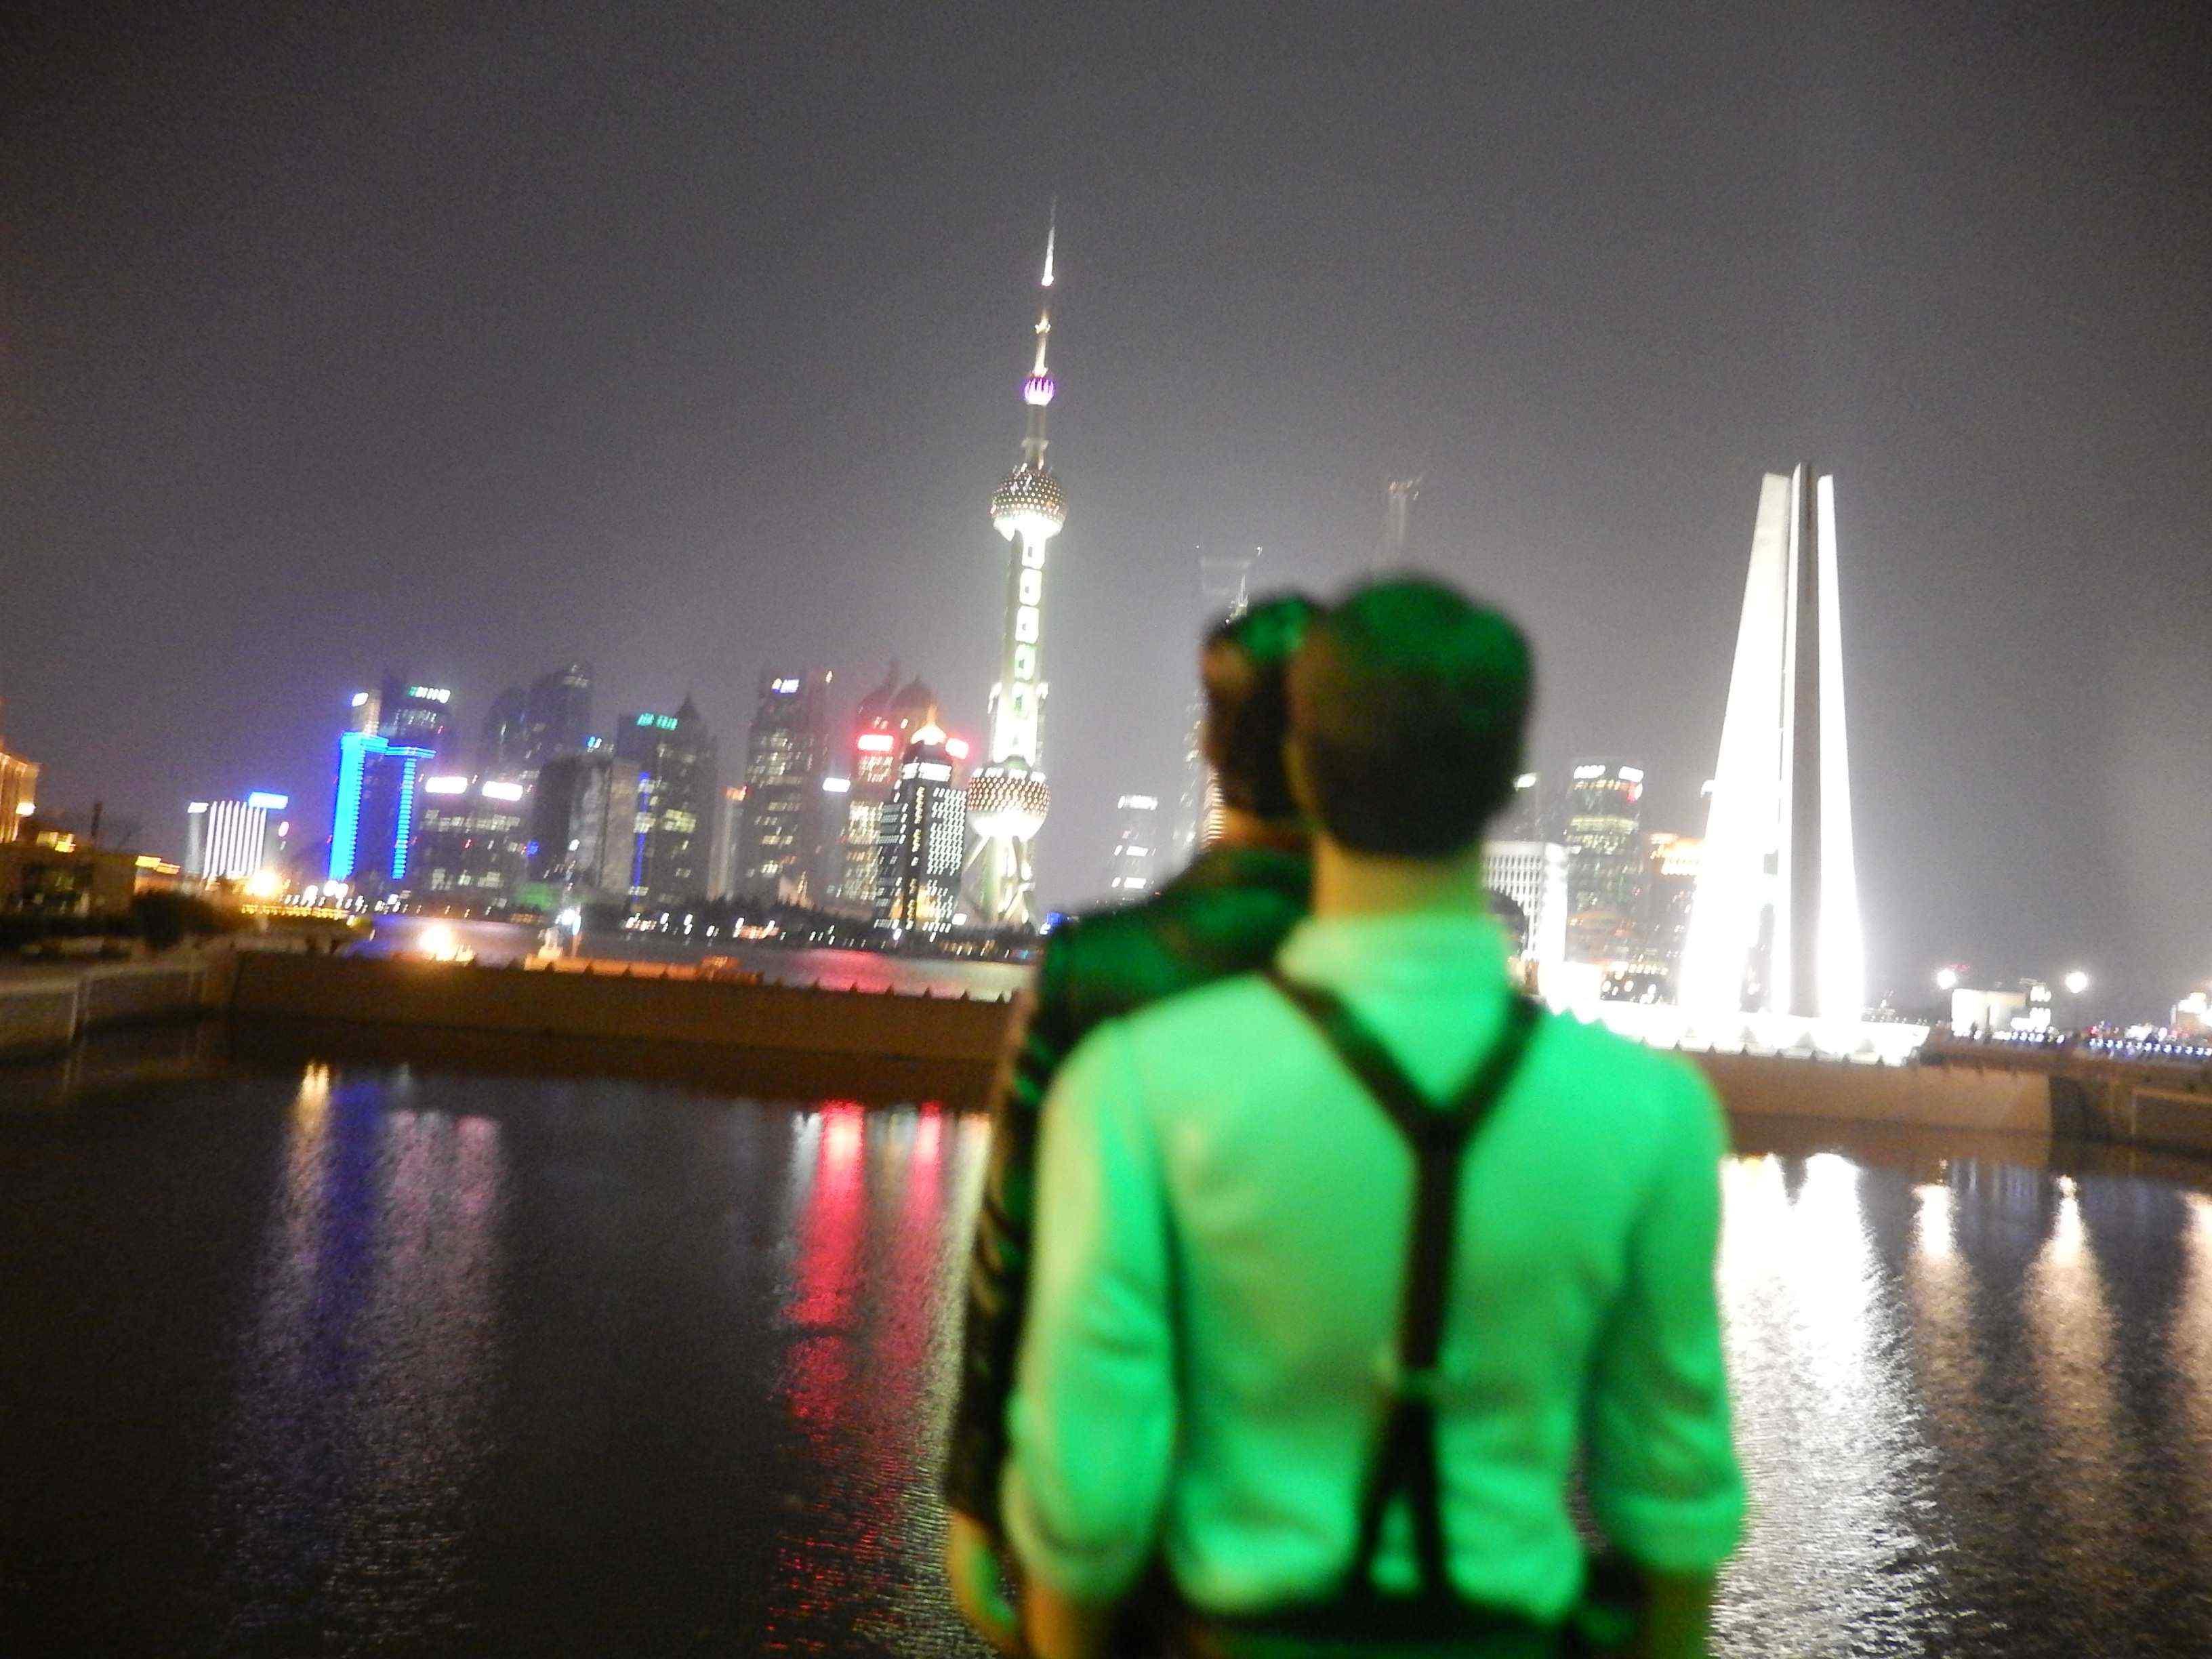 2013.06.18 - 02 - Shanghai